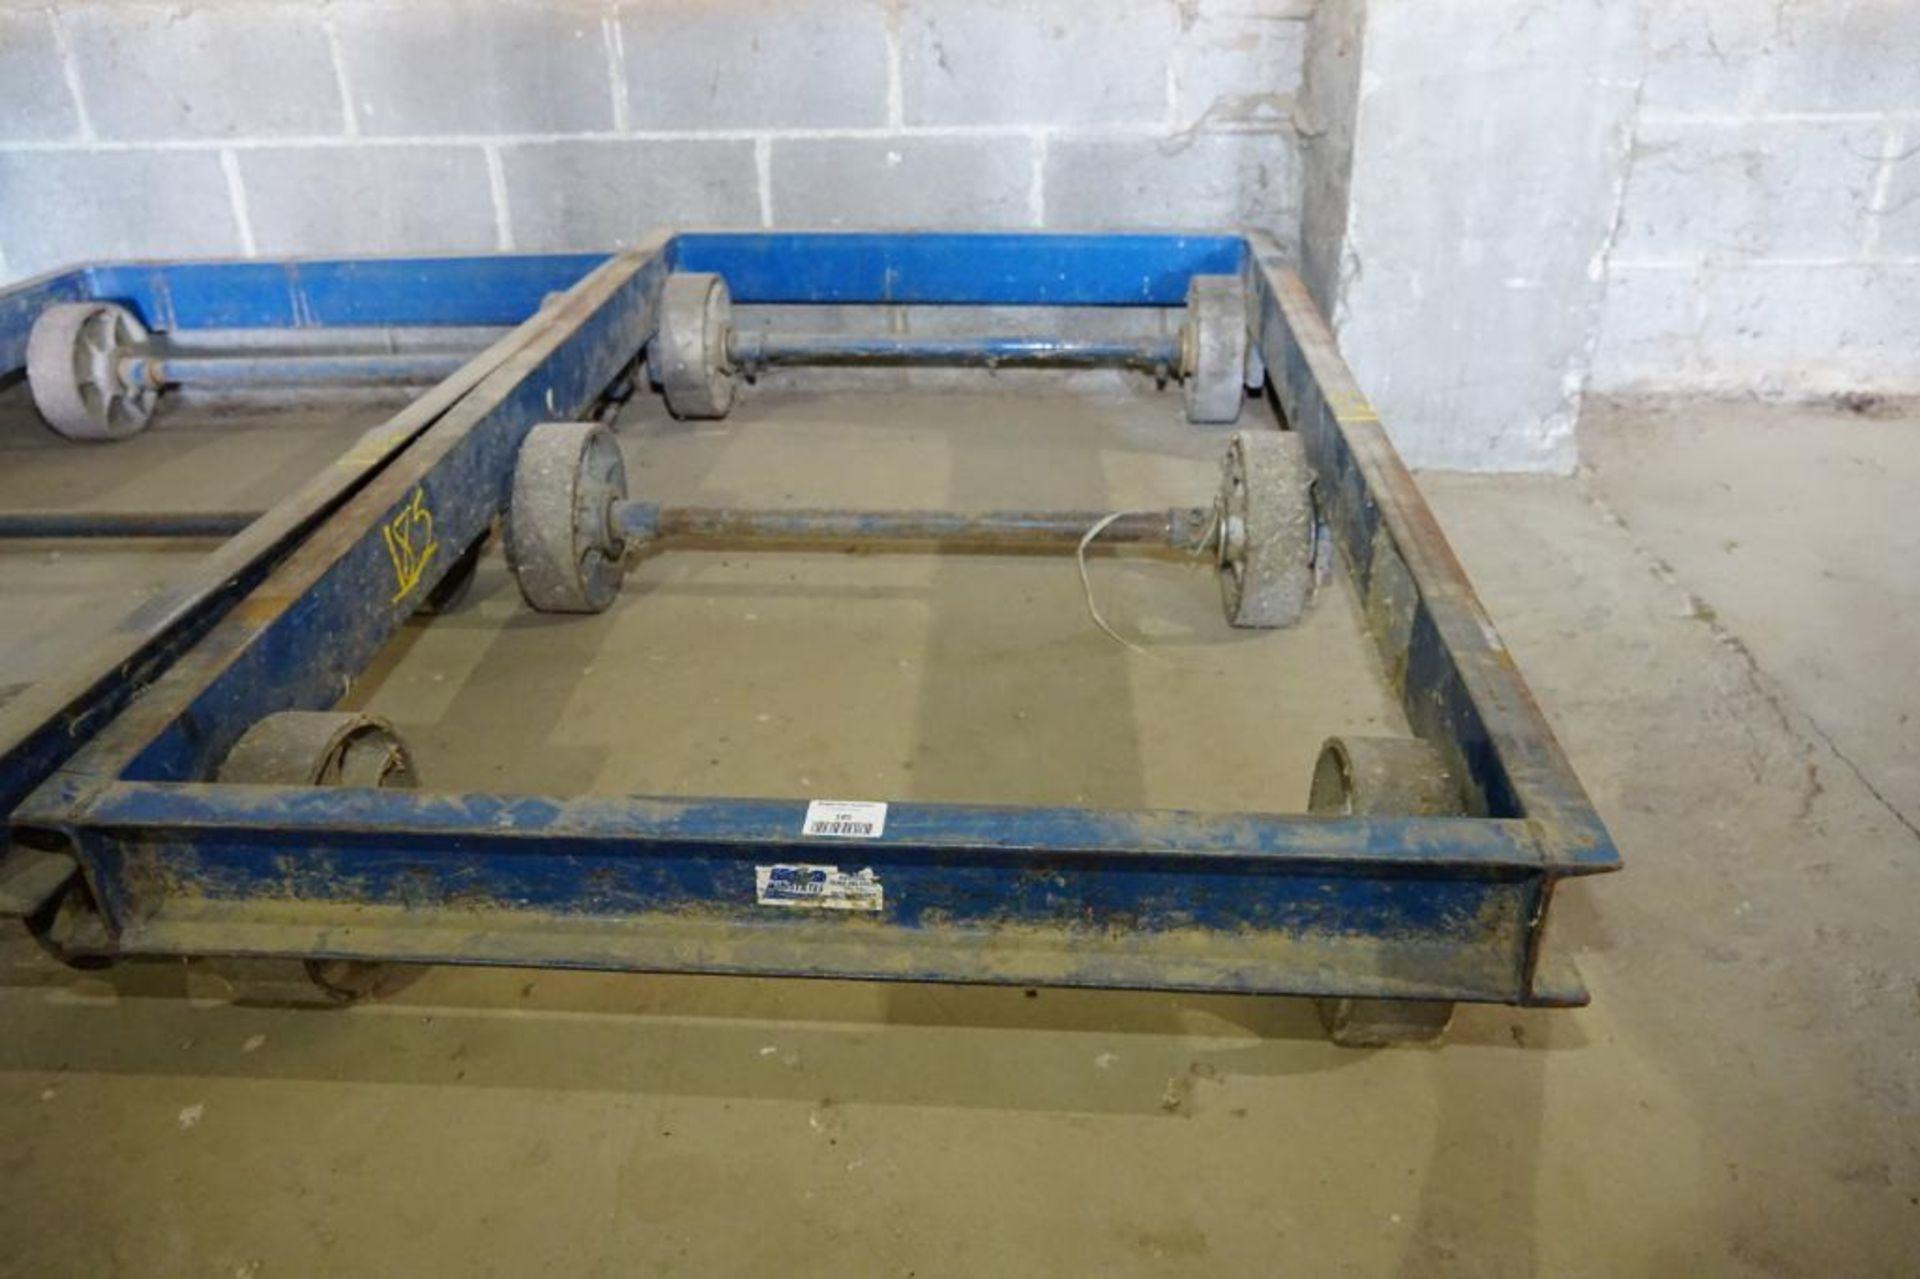 Low Profile Lumber Carts